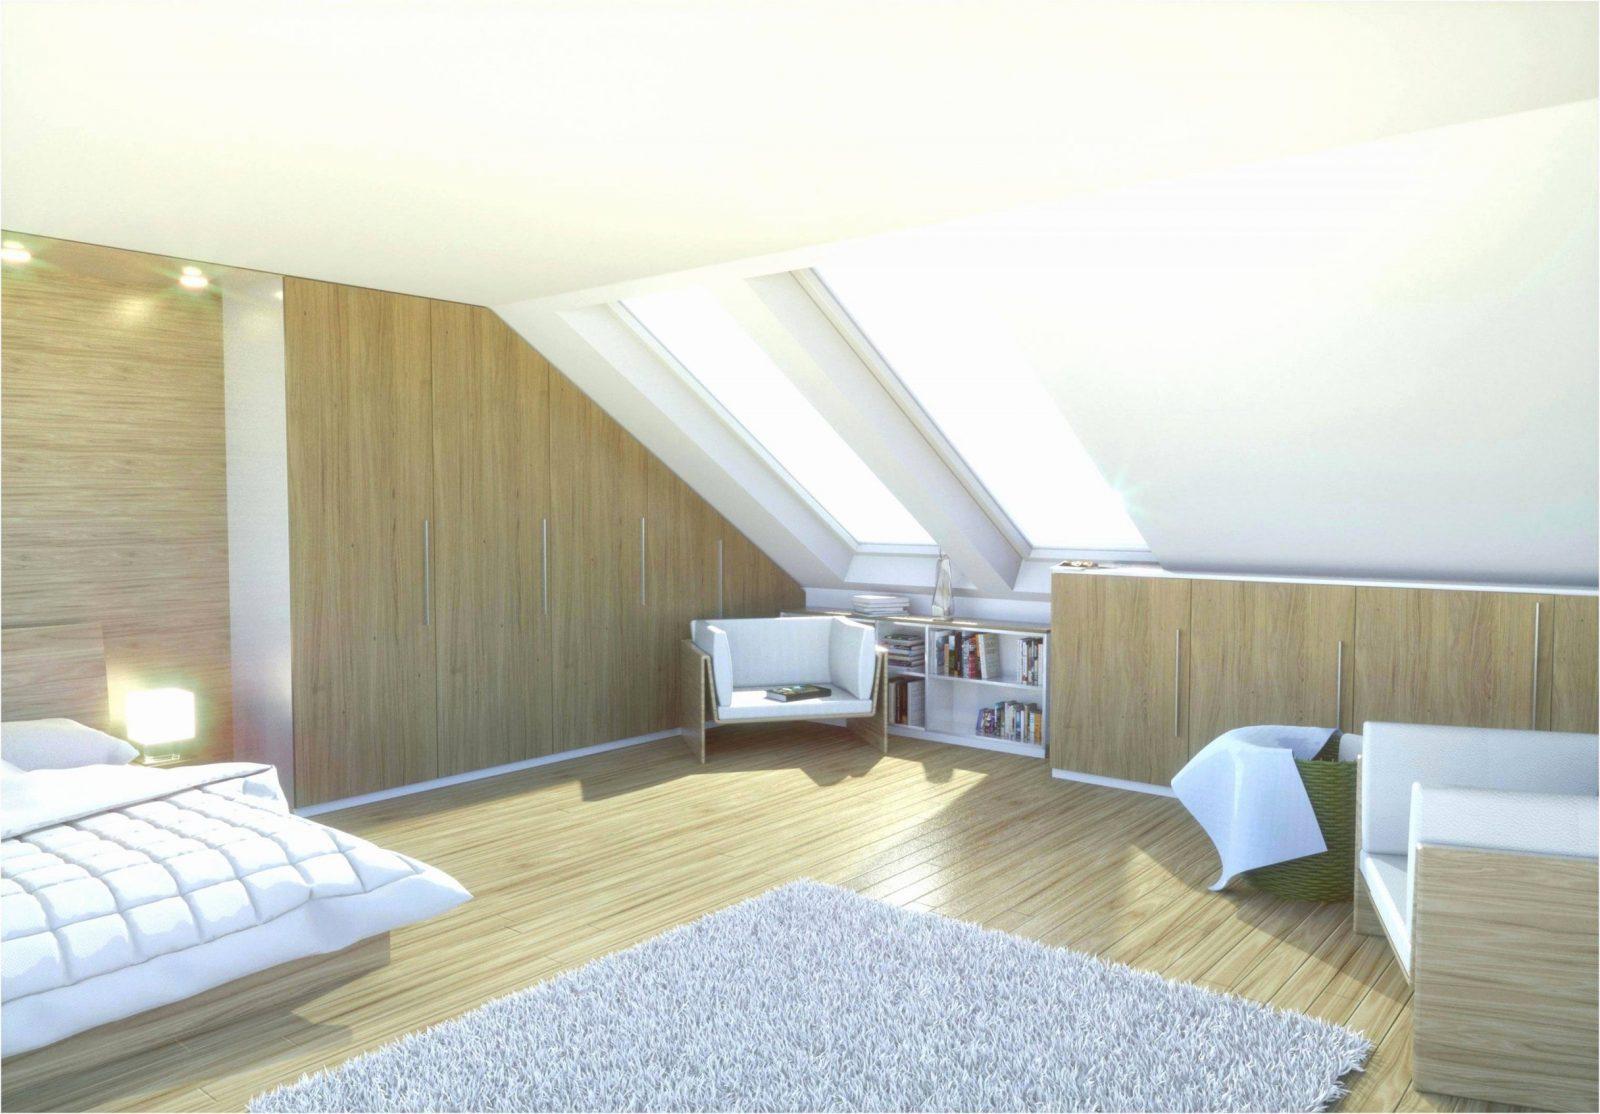 New Wohnzimmer Deko Selber Basteln Ideas  Mourmelon Le Petit von Wohnzimmer Deko Selber Machen Photo